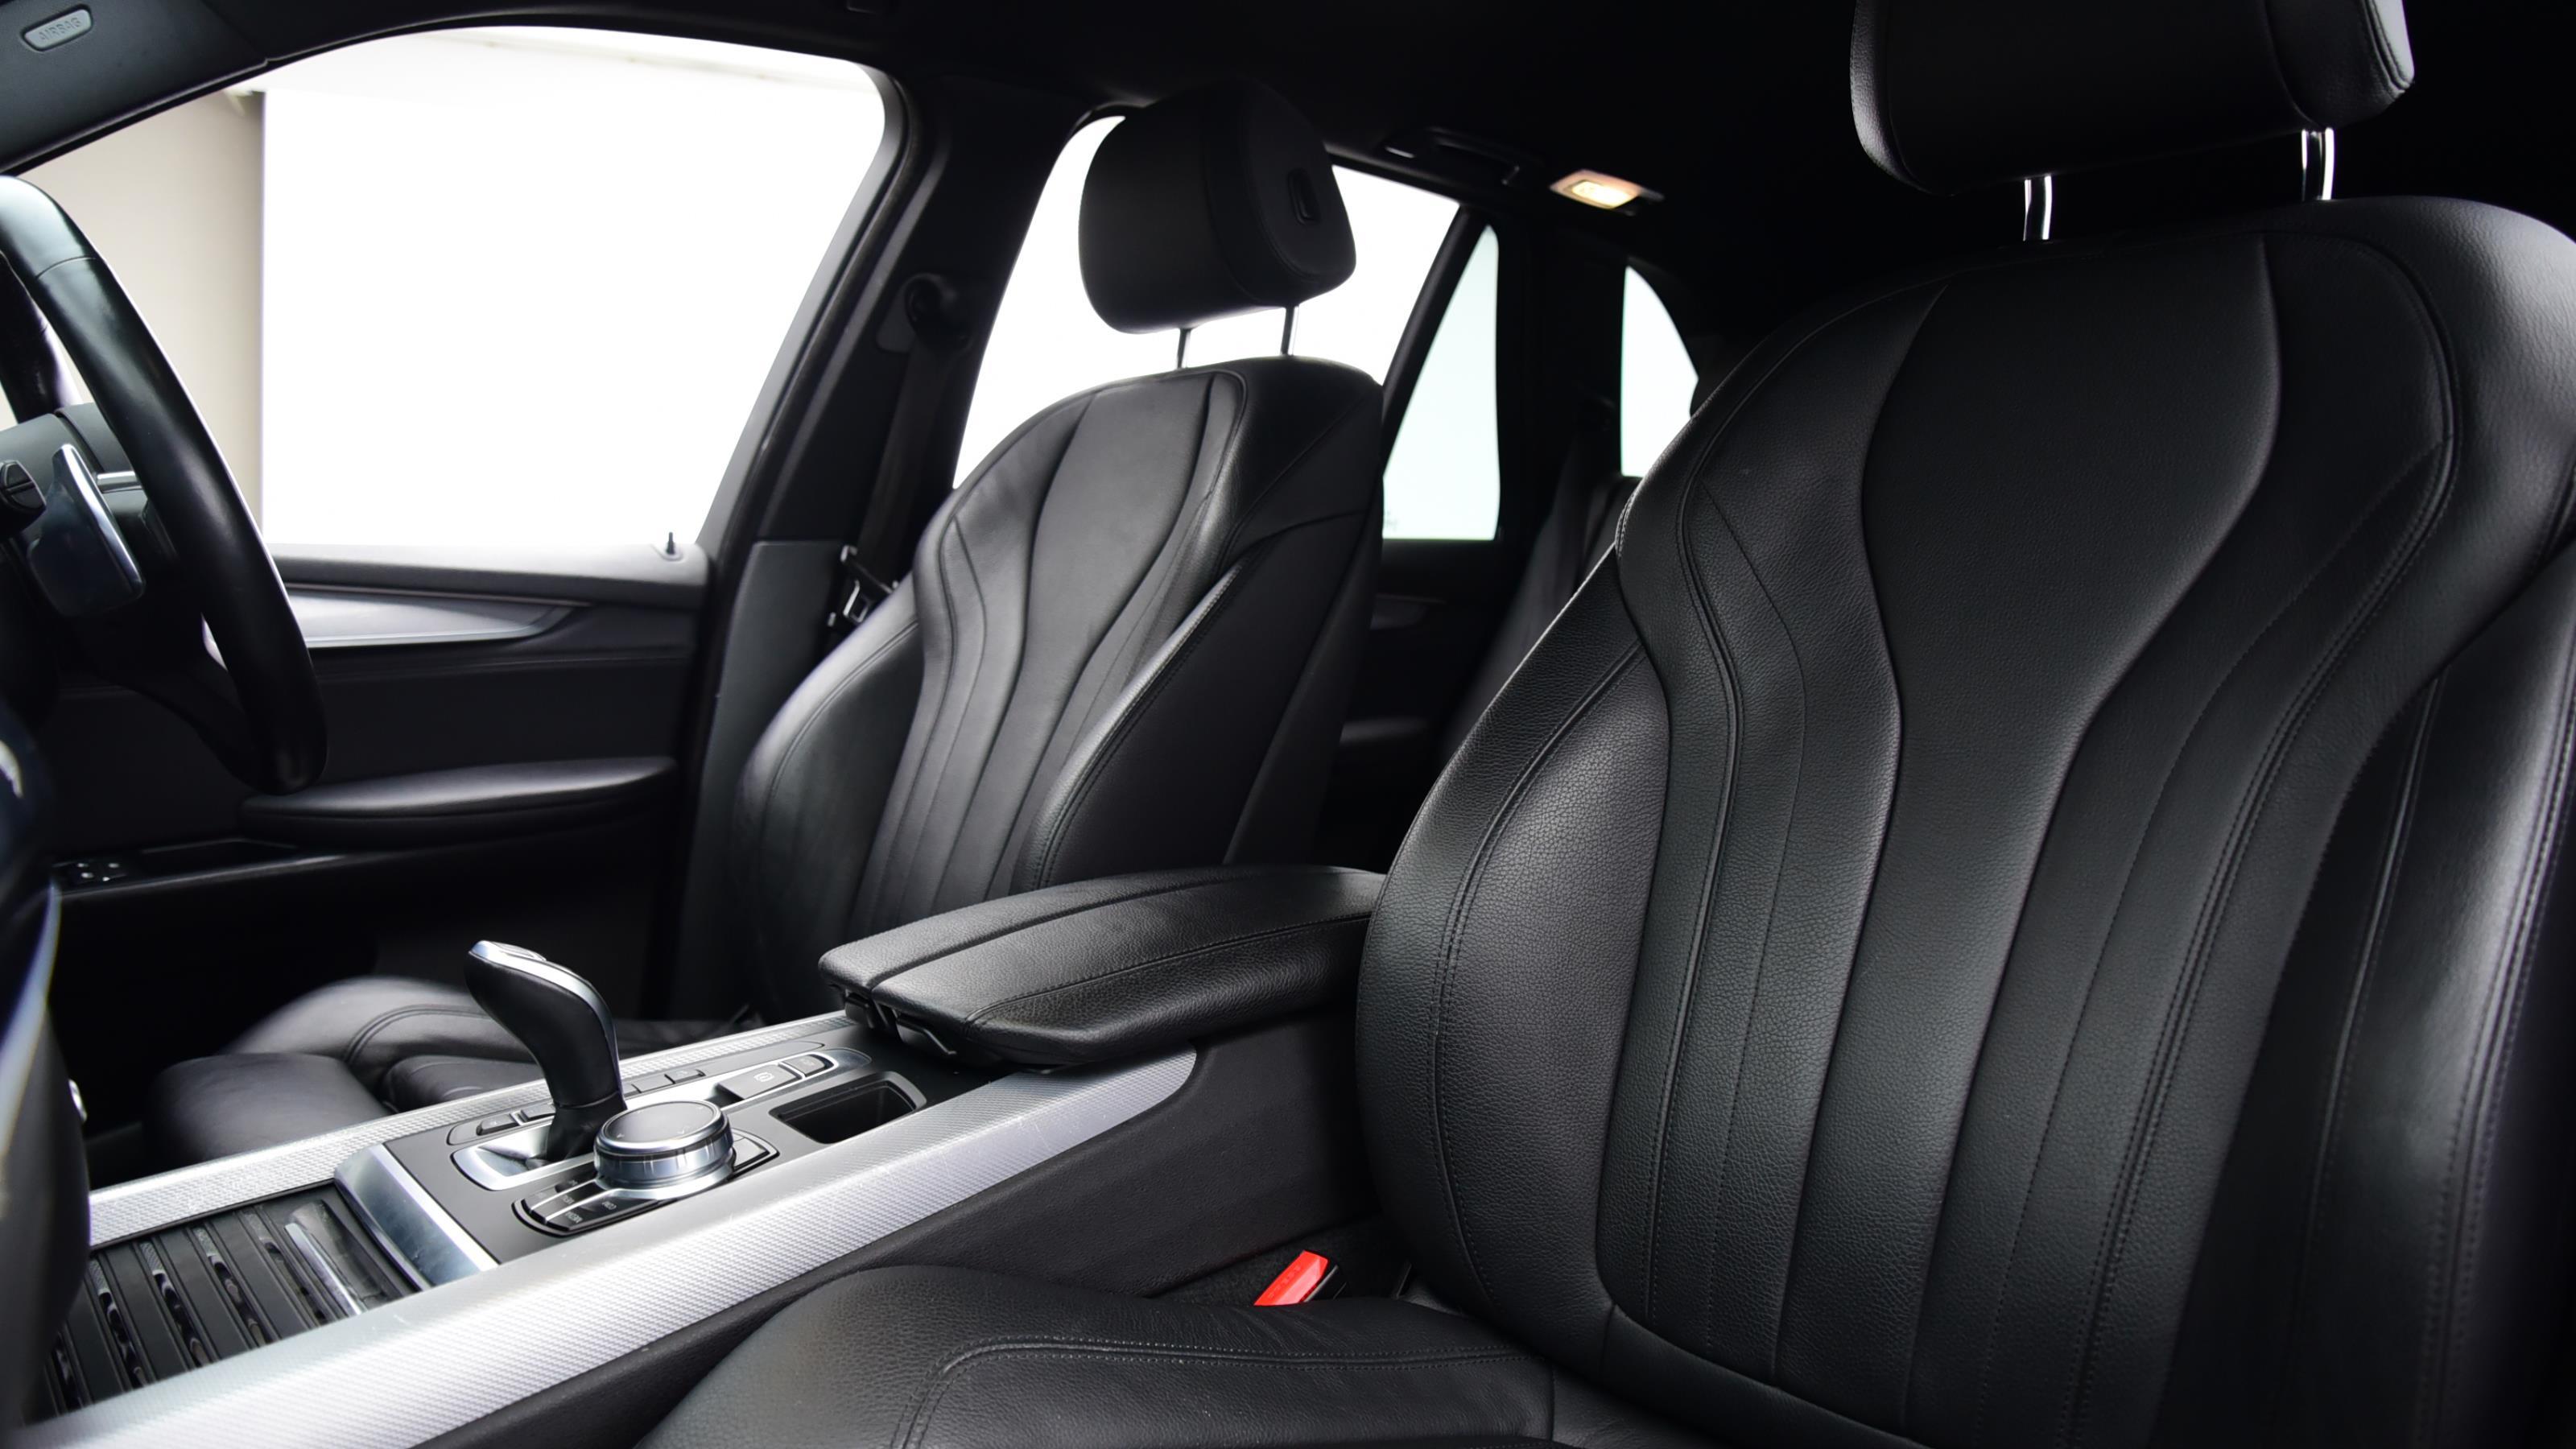 Used 2016 BMW X5 xDrive30d M Sport 5dr Auto BLACK at Saxton4x4